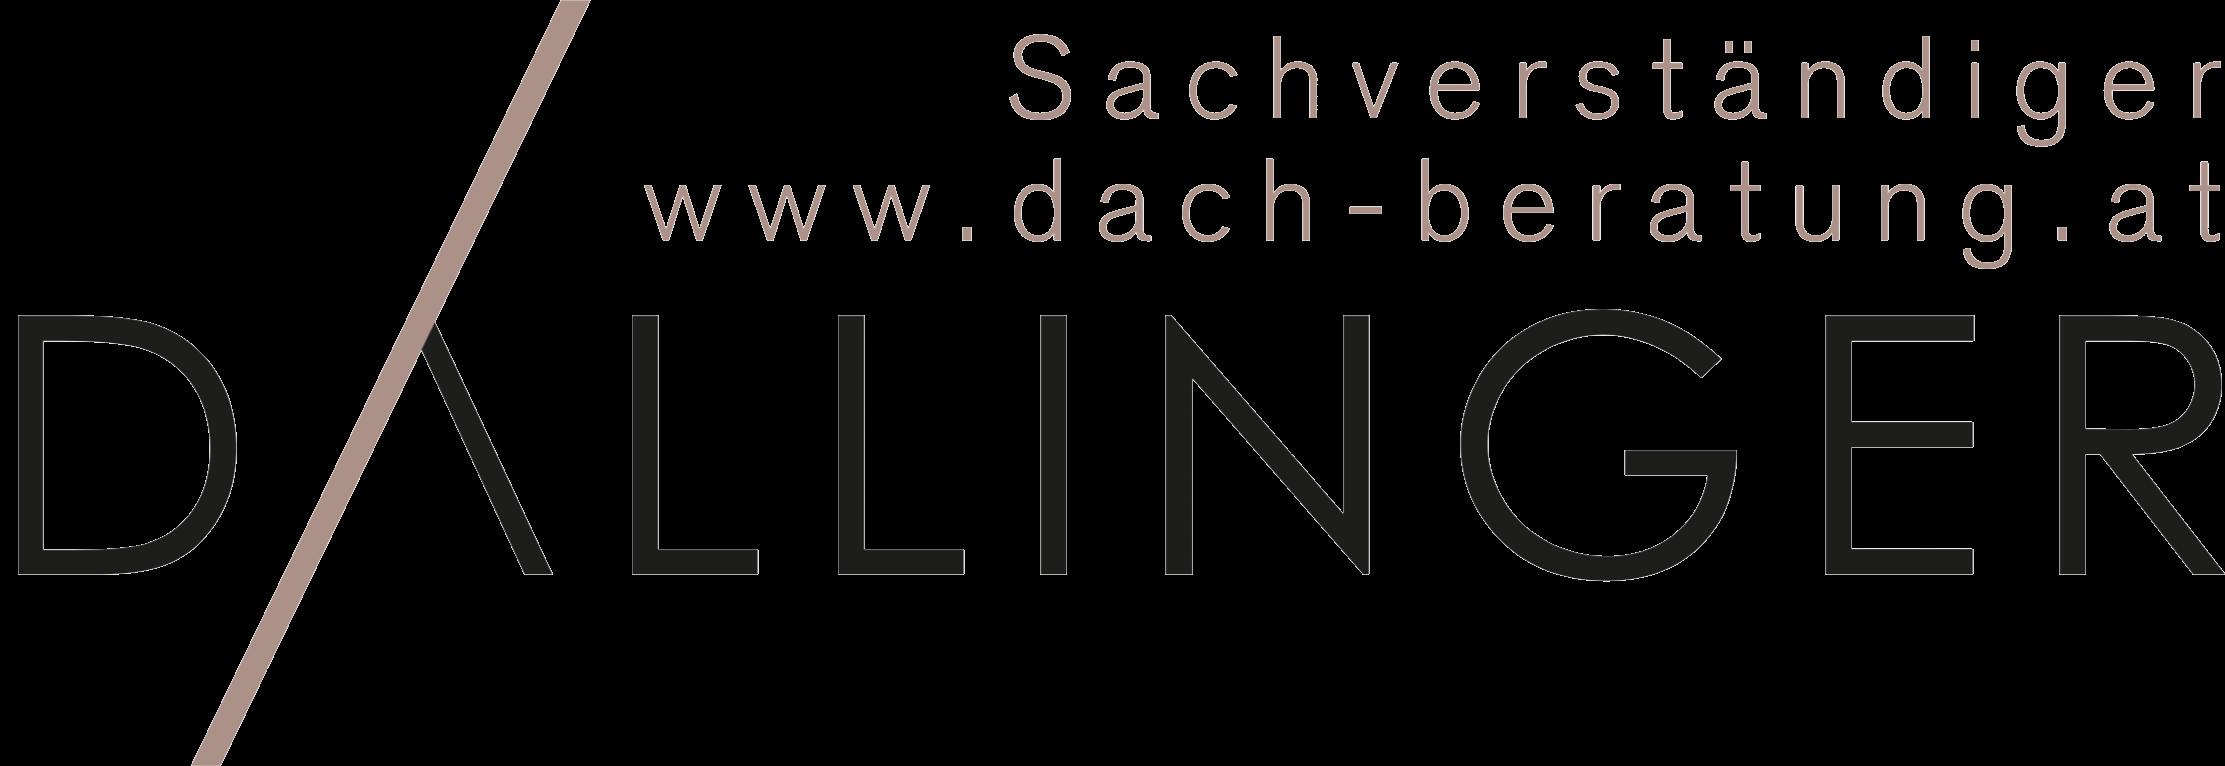 Dach- und Wandberatung Sachverständigen- und Planungsbüro Dallinger | Sachverständigen- und Planungsbüro für Dächer und Fassaden aus Thalheim in Wels/Oberösterreich